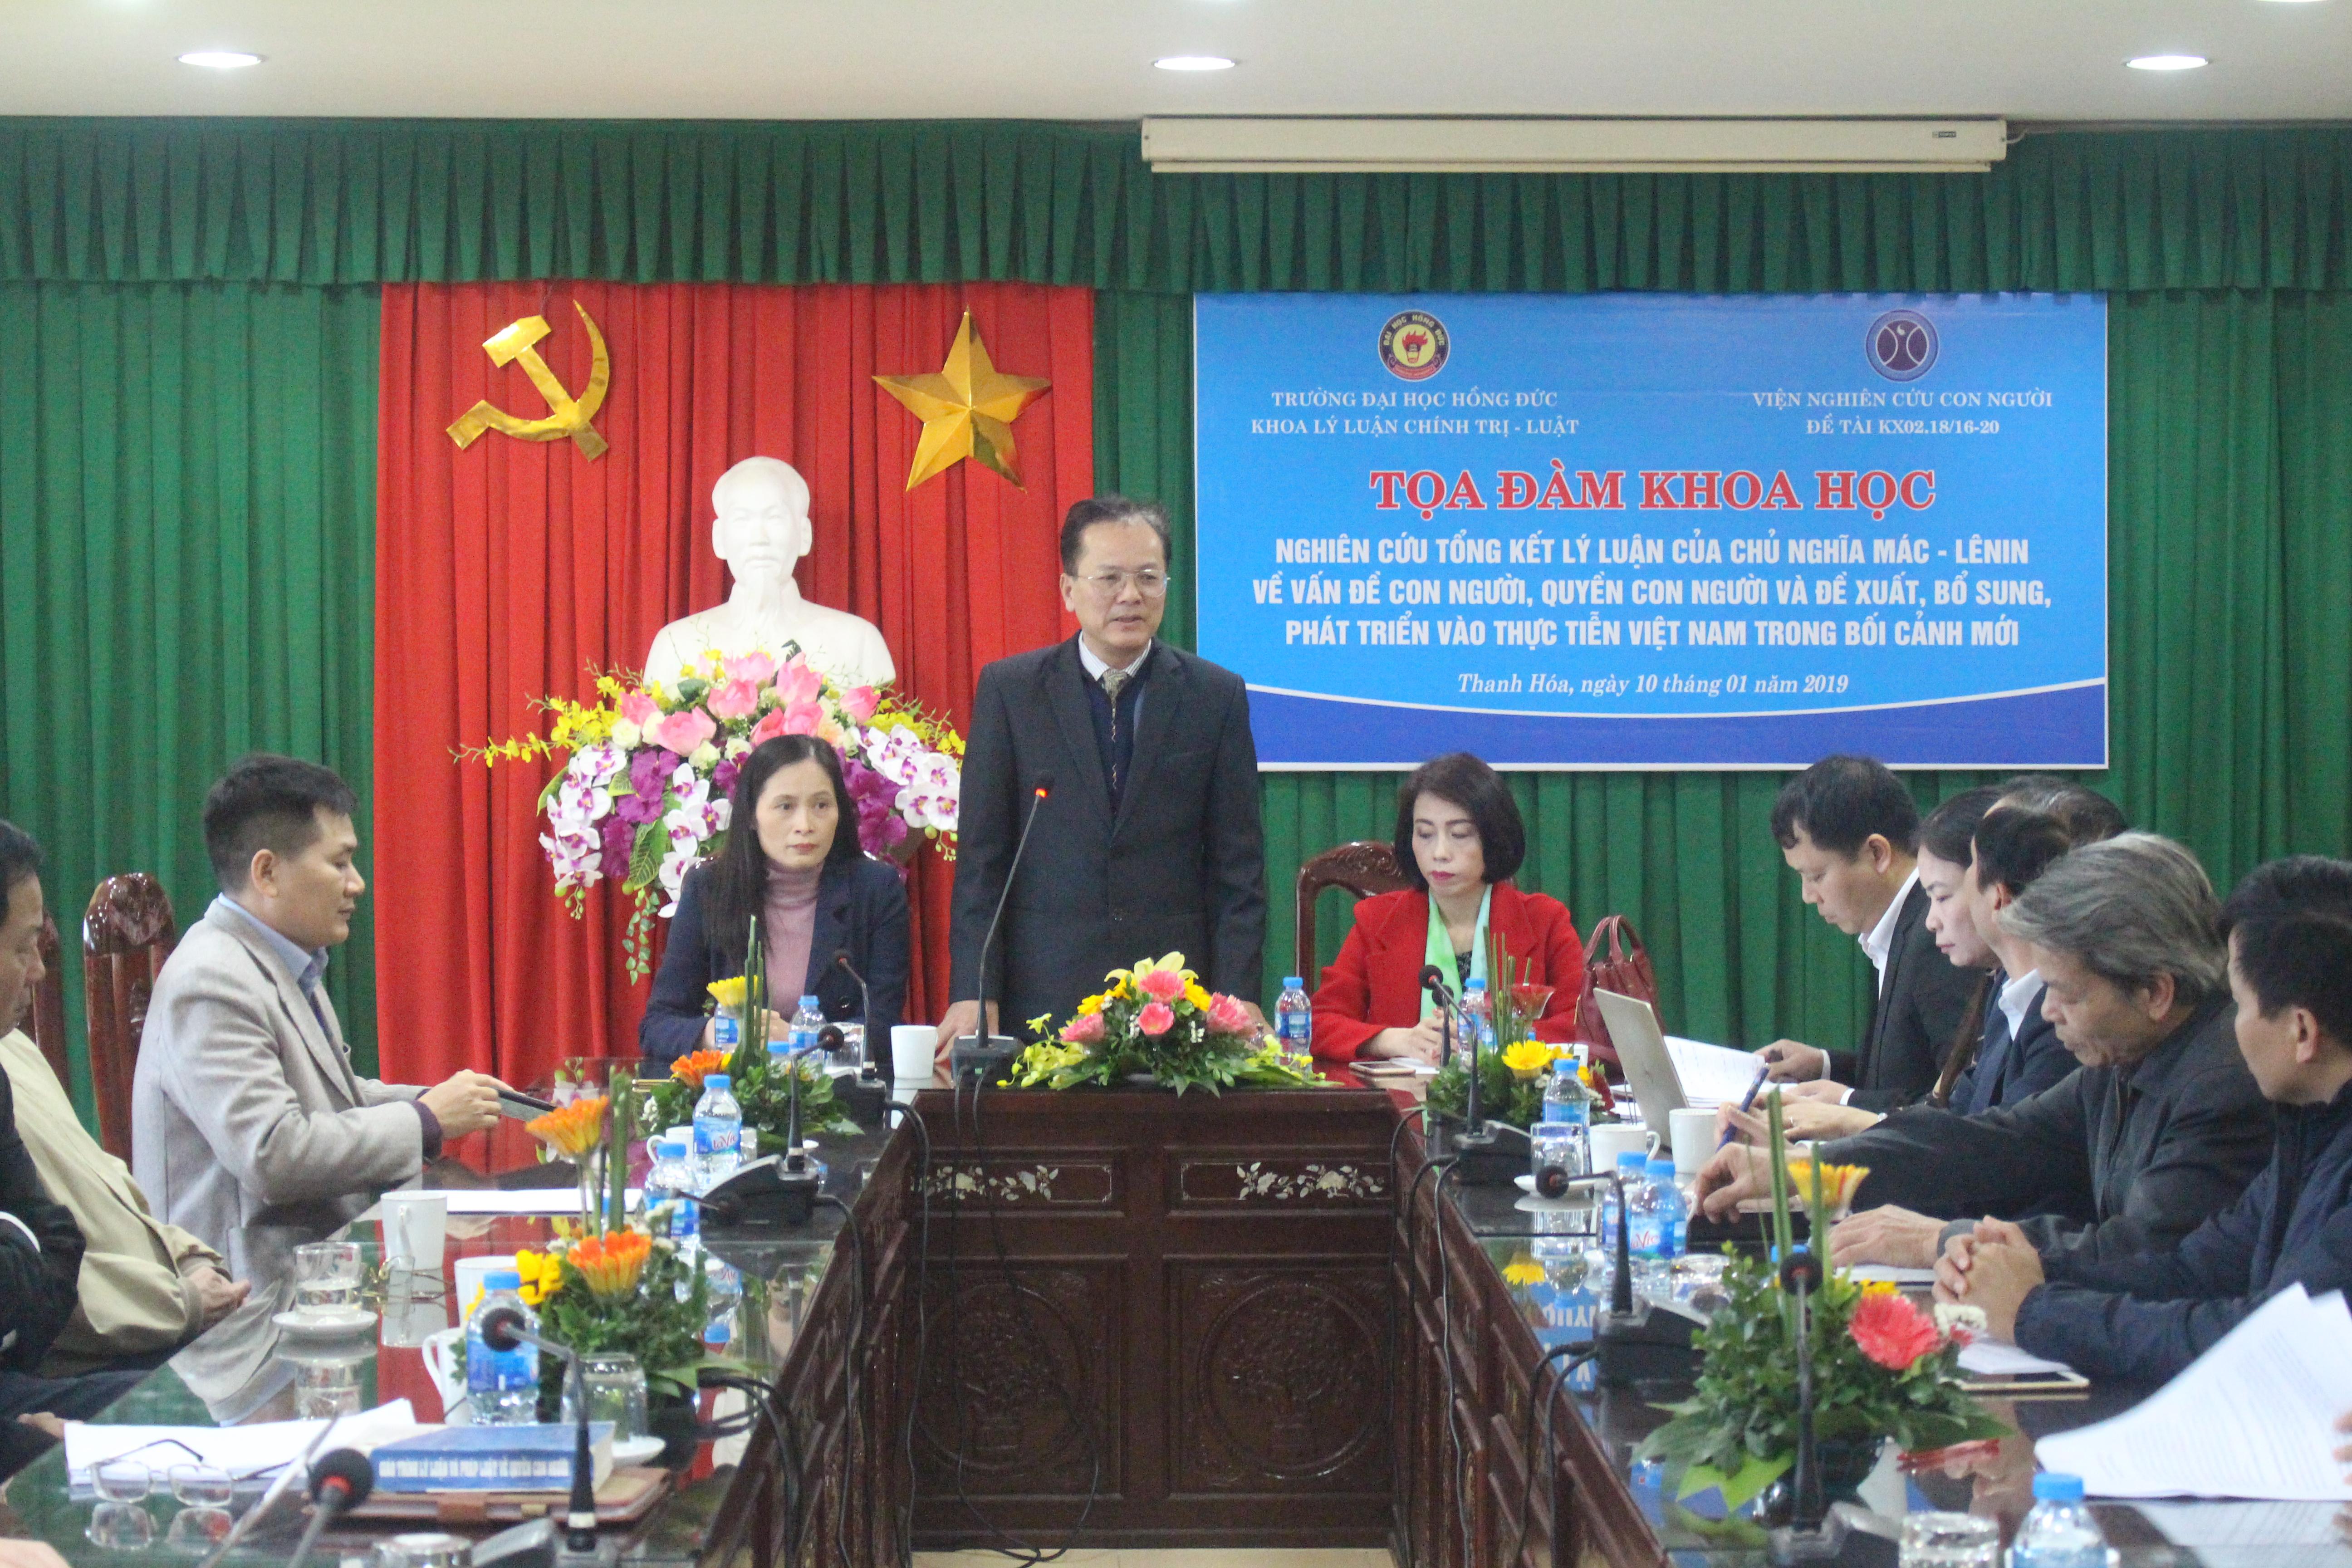 Nghiên cứu, tổng kết lý luận của lý luận Chủ nghĩa Mác - Lê nin về vấn đề con người, quyền con người và đề xuất, bổ sung, phát triển với thực tiễn Việt Nam trong bối cảnh mới